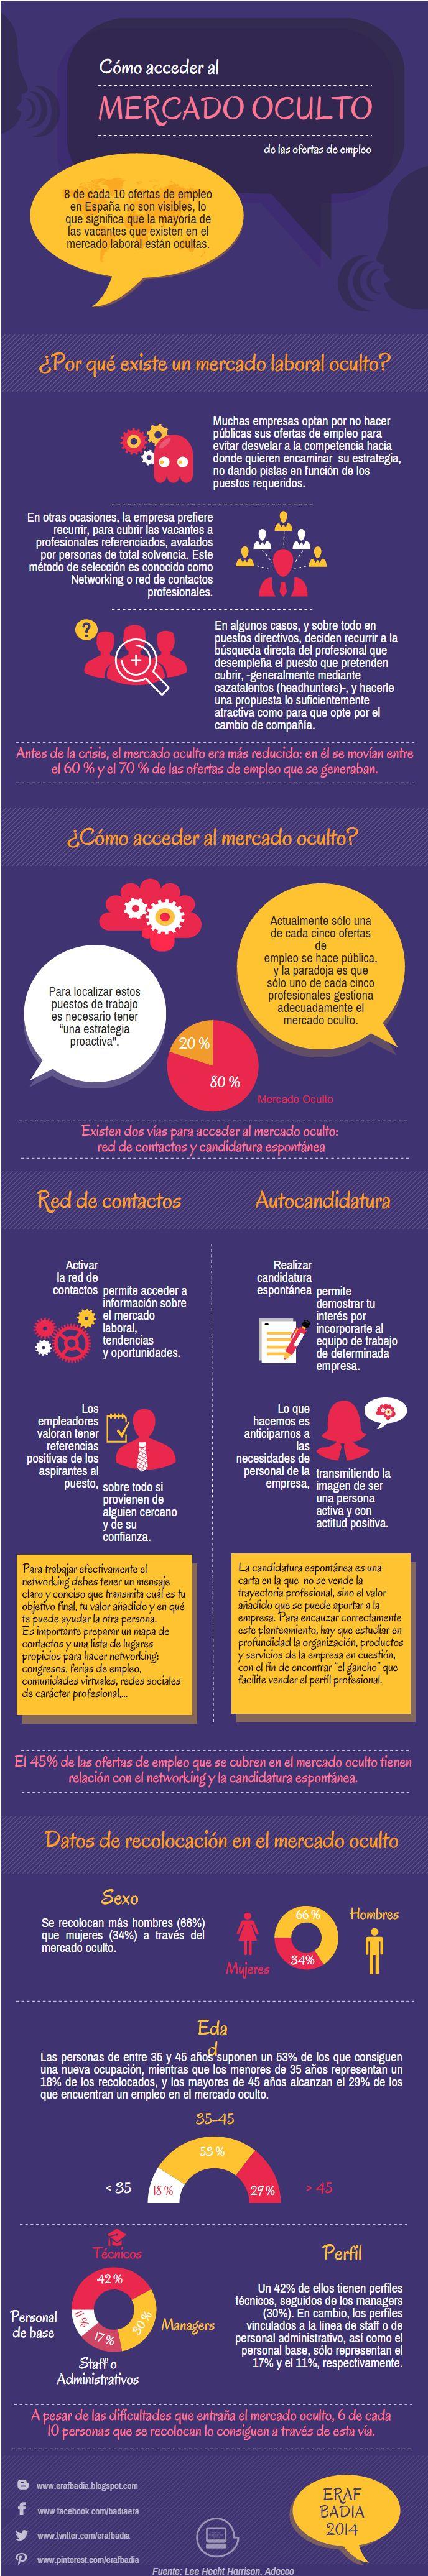 infografia-mercsdo-oculto-oferta-de-empleo.png (688×4144)